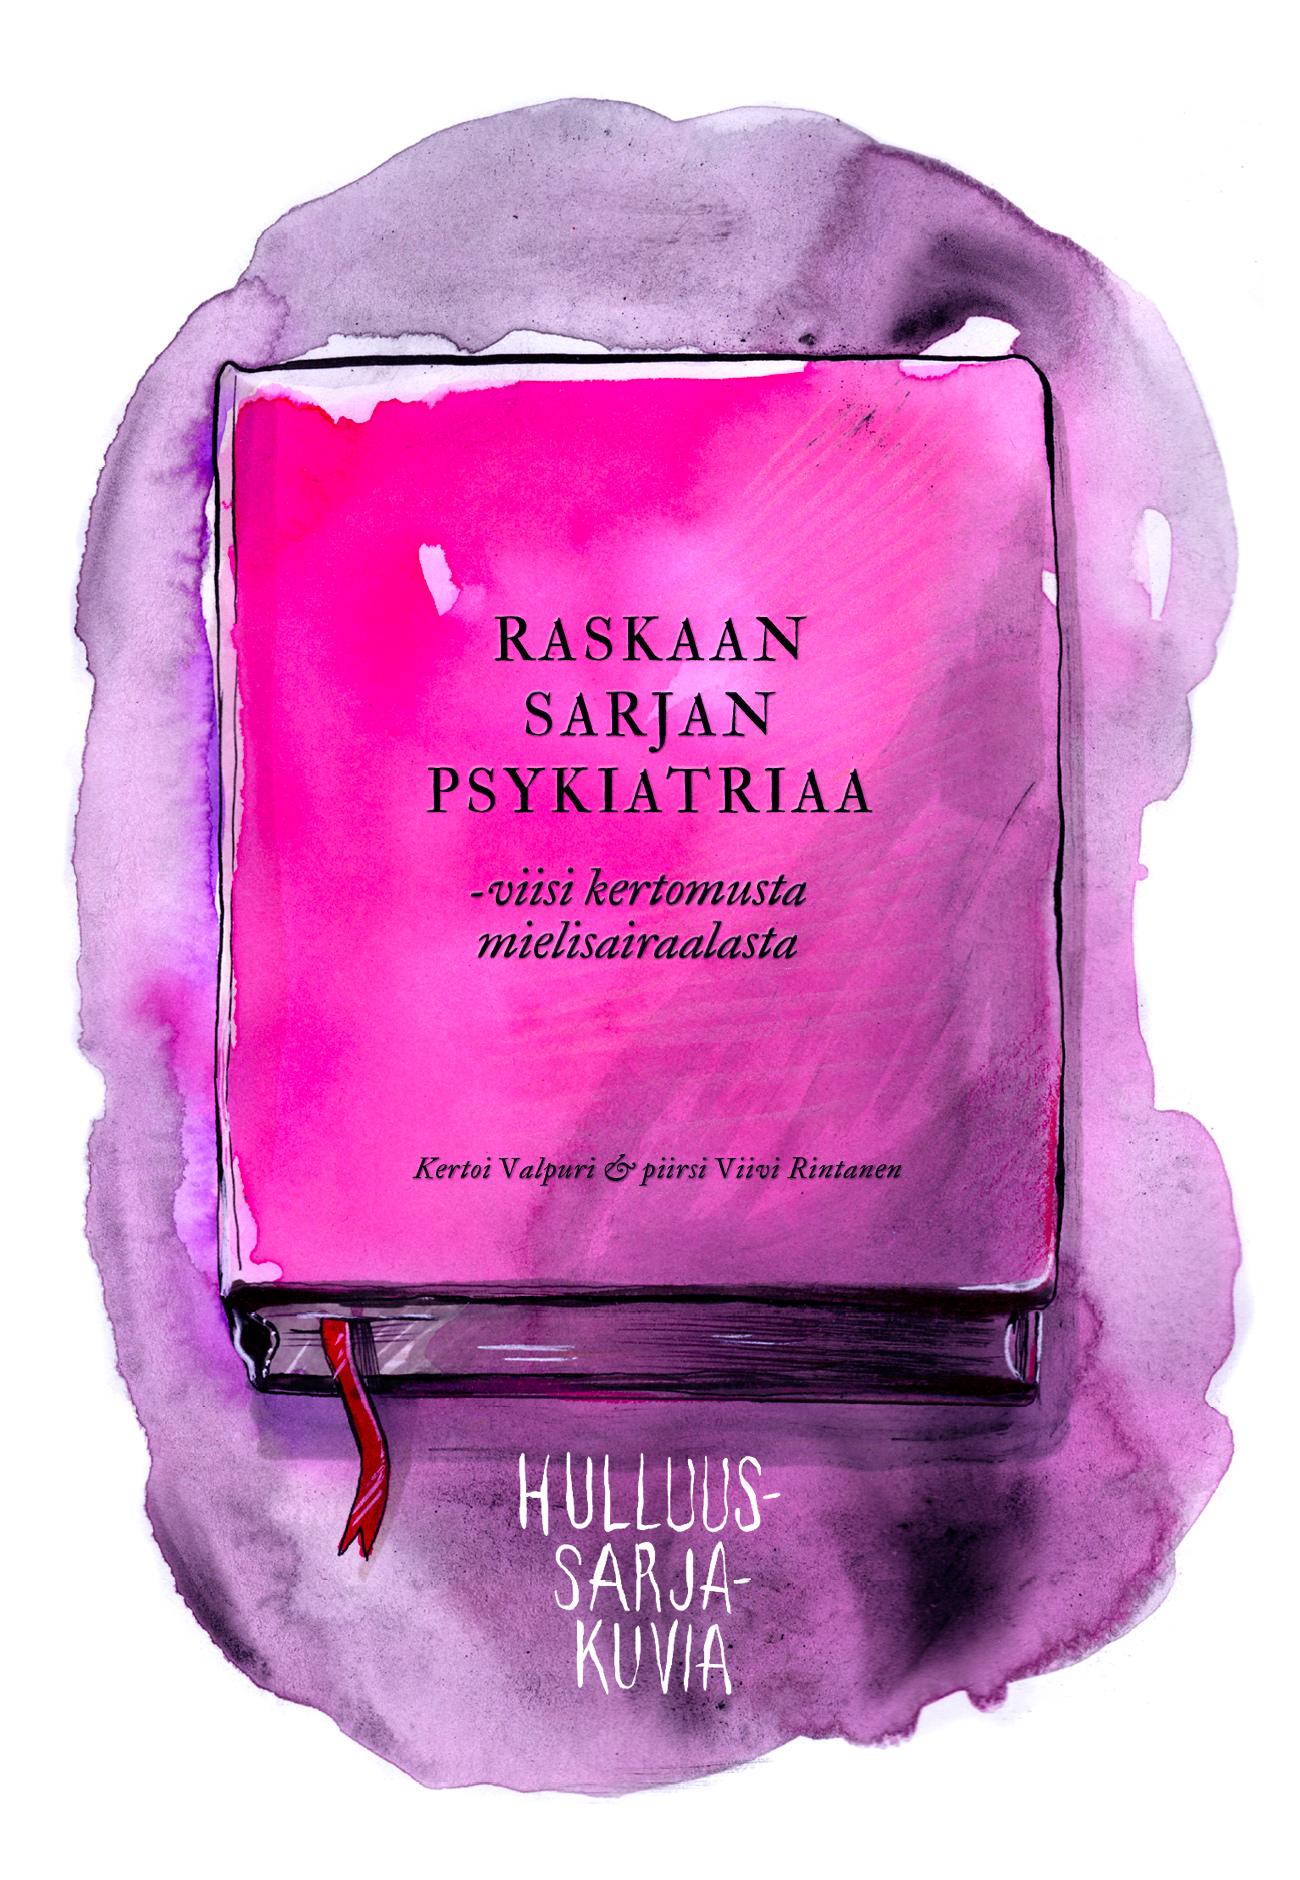 Raskaan-sarjan-psykiatriaa-isompi-kirjan-kansi-ilman-tekstiä-more-vibrance